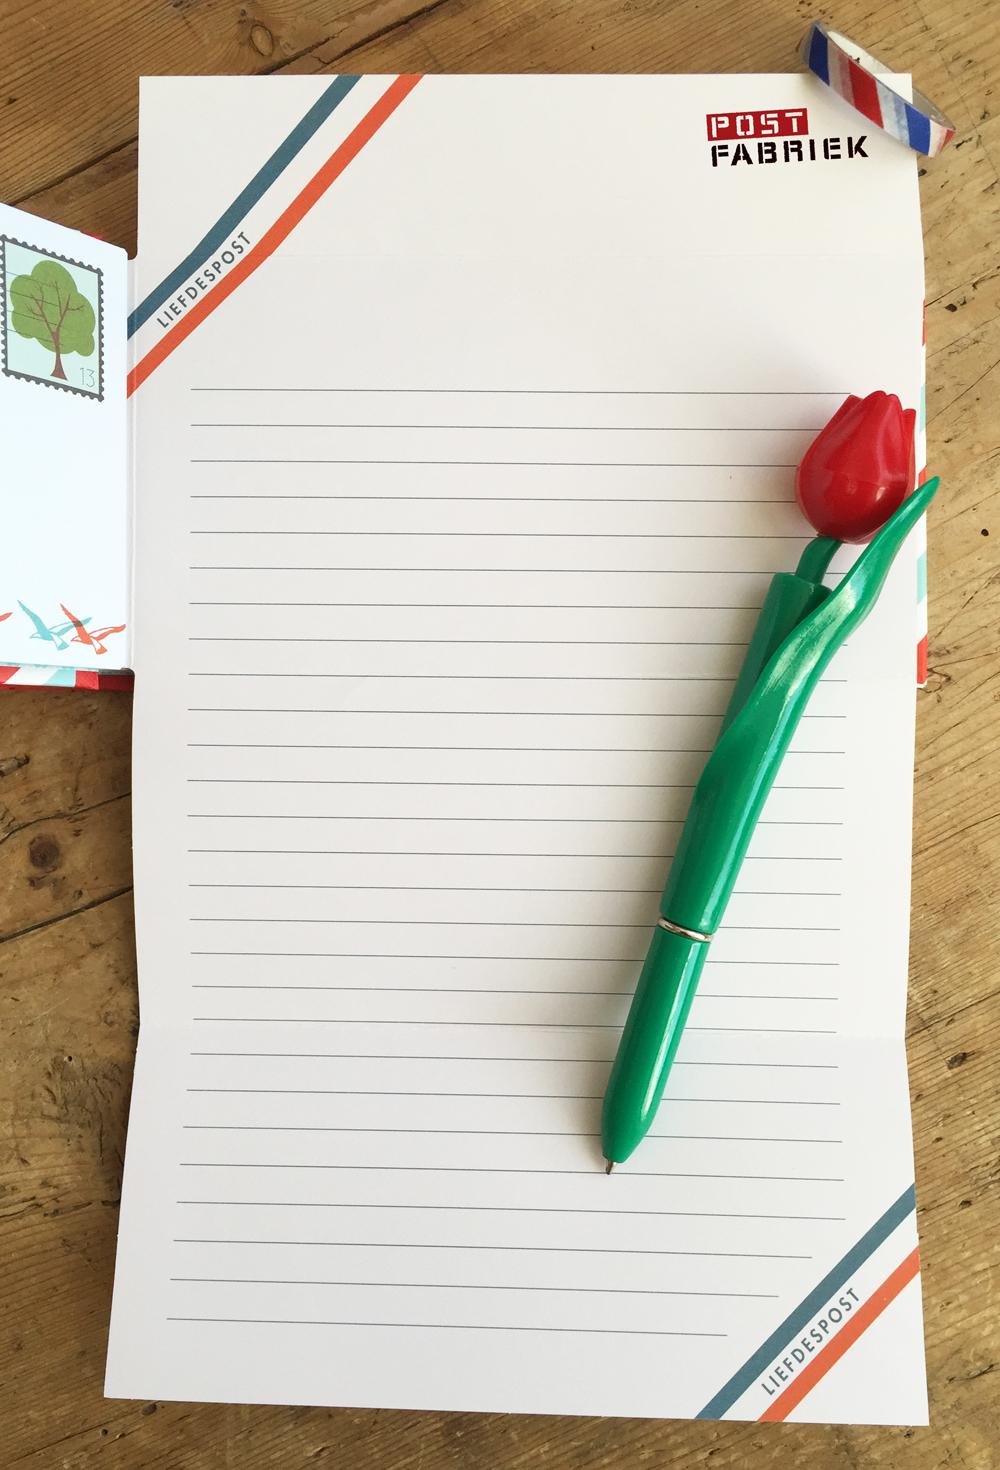 De bladzijdes kun je uitvouwen tot een groot vel briefpapier